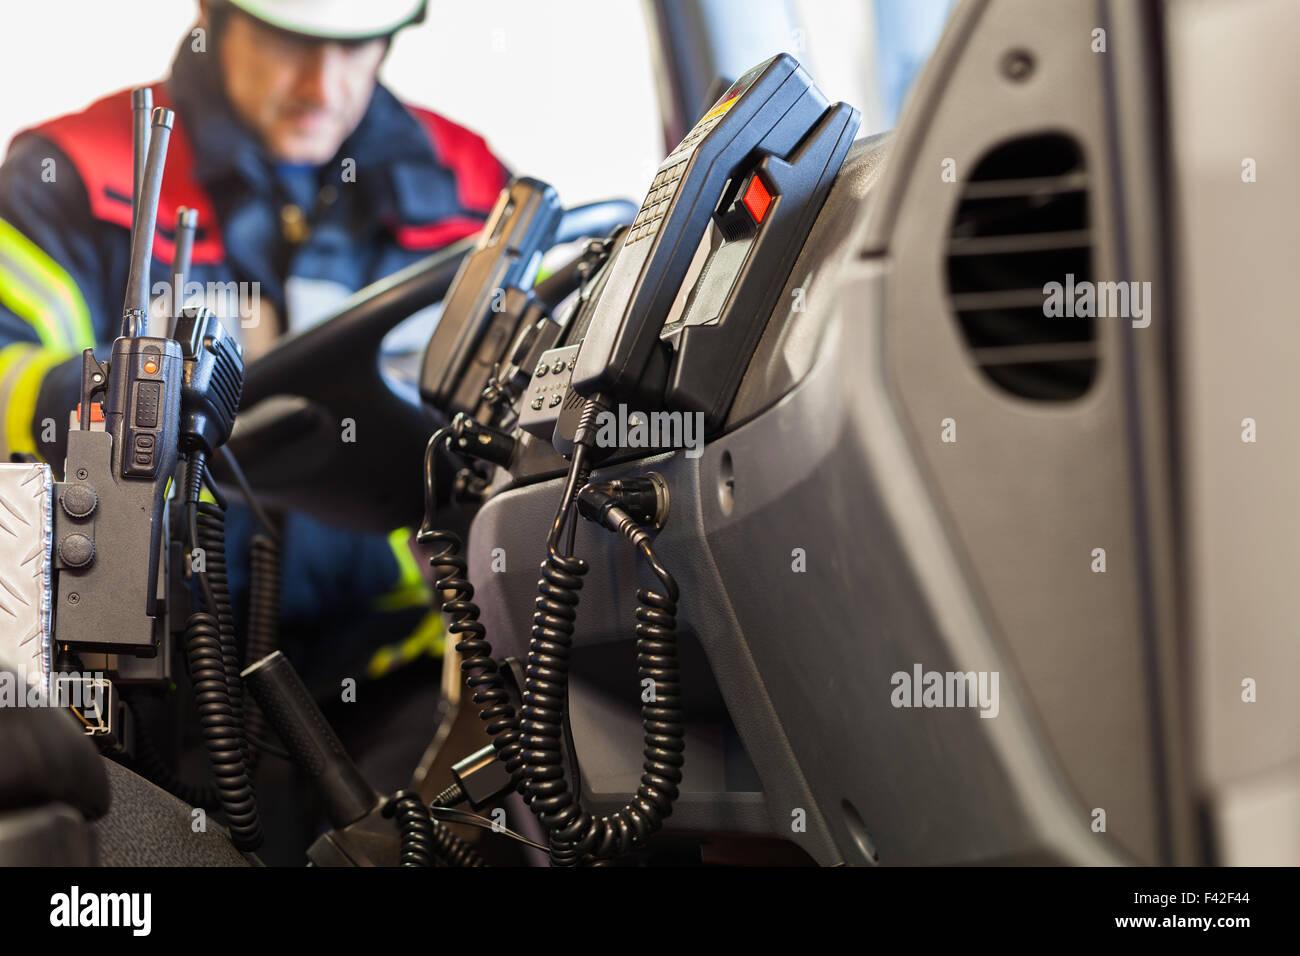 Feuerwehrmann mit Funkgeräten verwendete Fahrzeug Stockbild